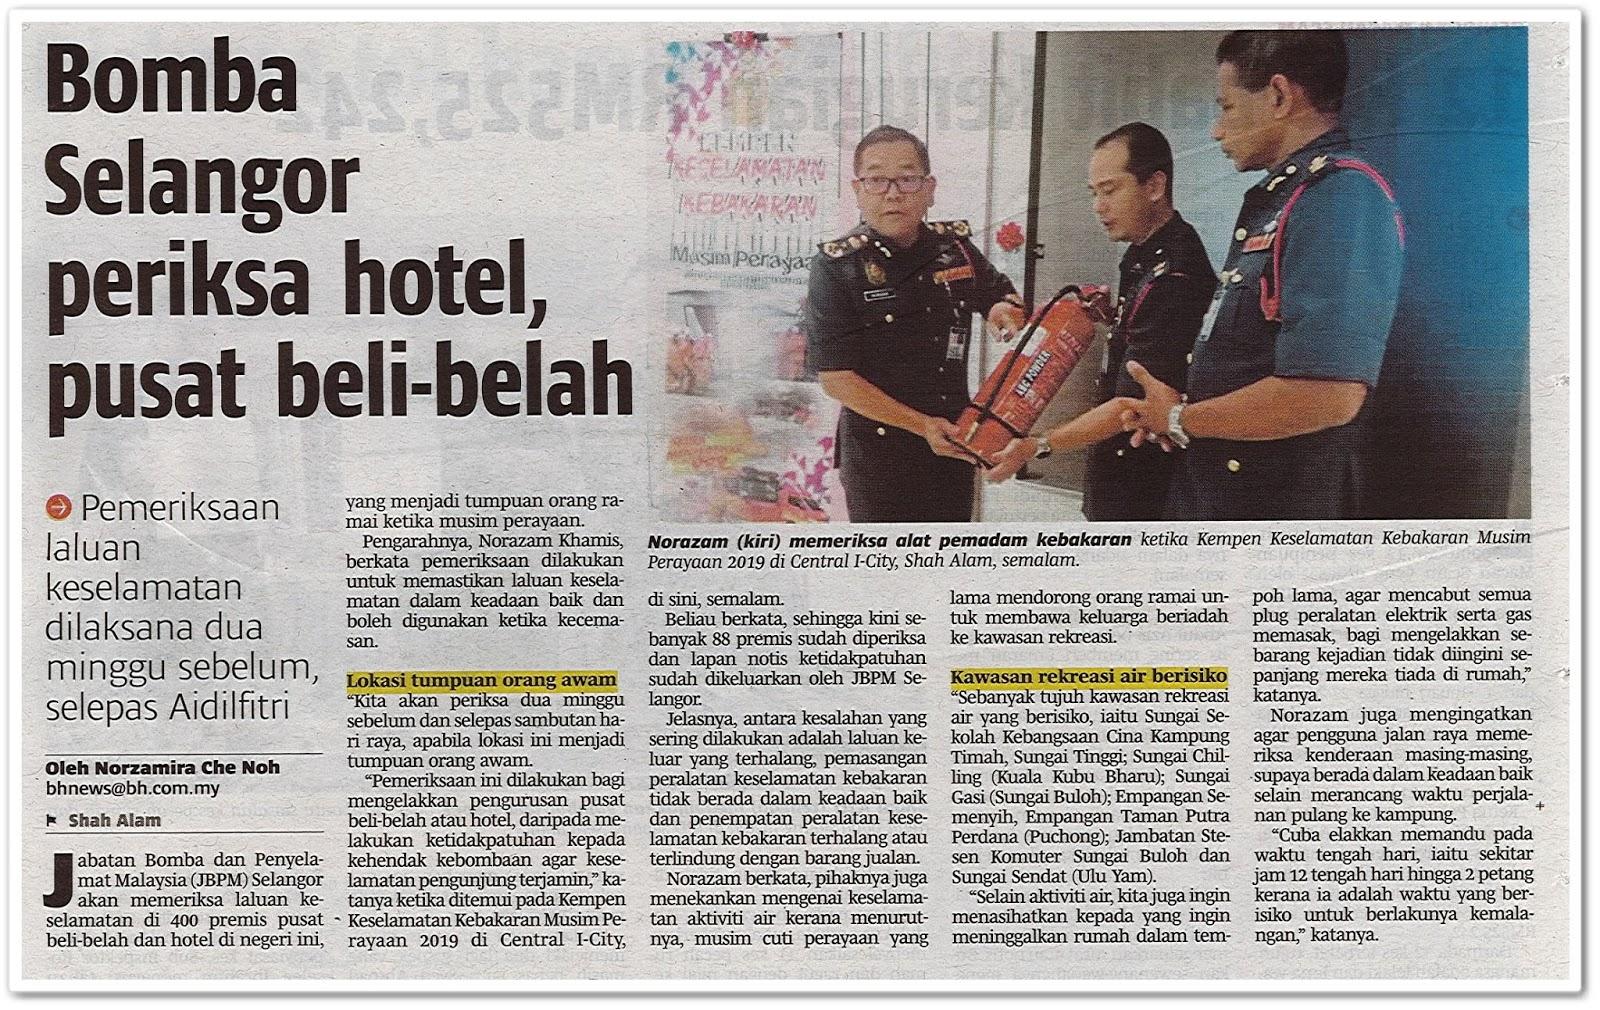 Bomba Selangor periksa hotel, pusat beli belah - Keratan akhbar Berita Harian 29 Mei 2019